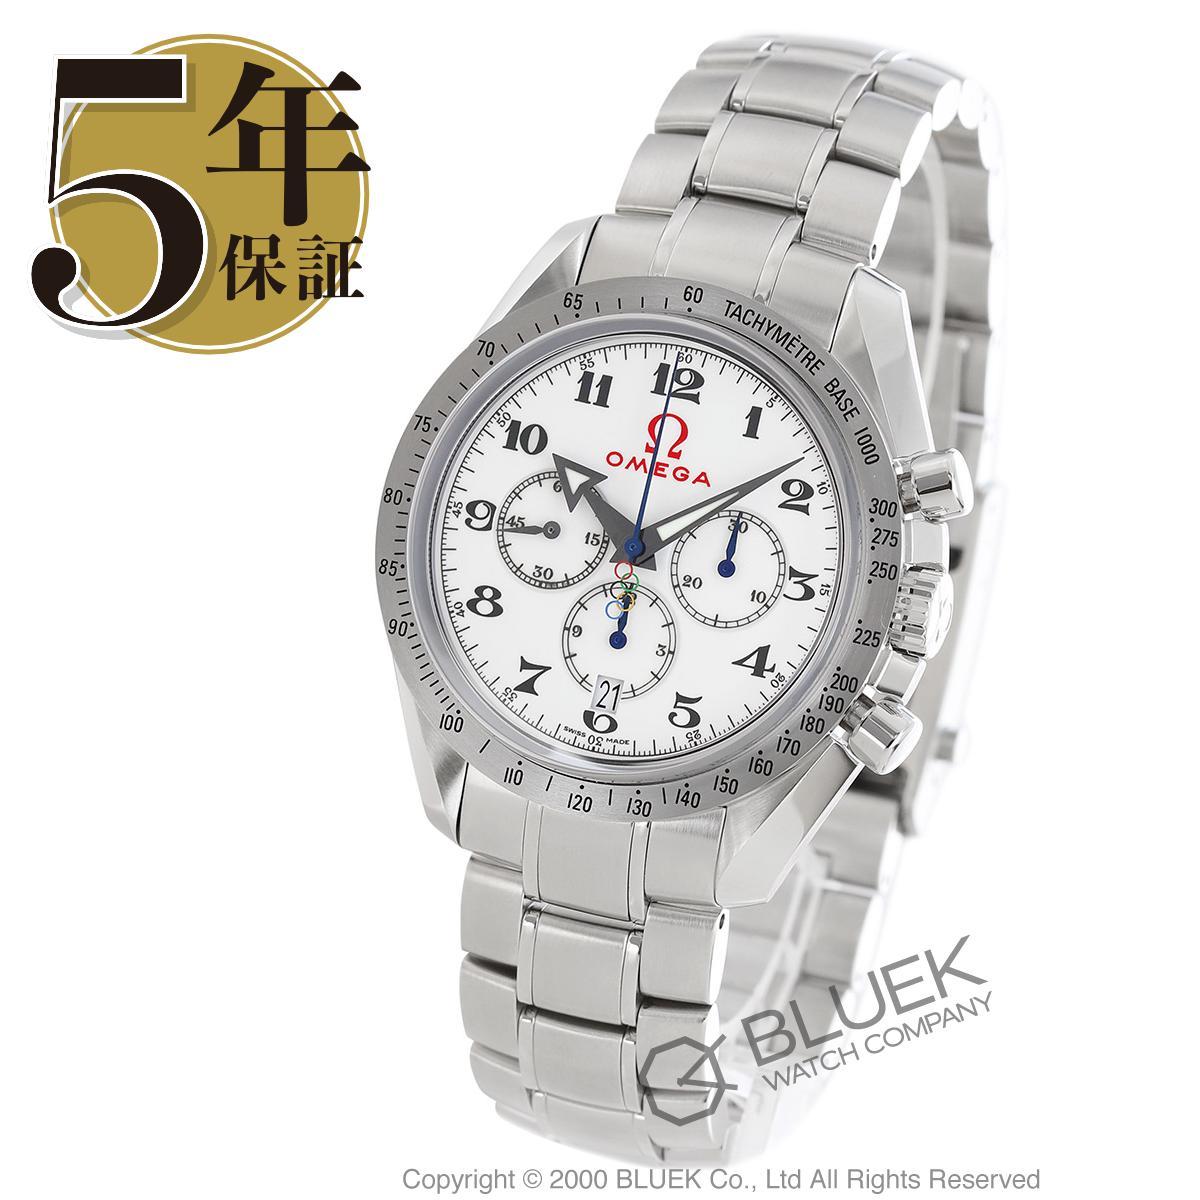 オメガ スピードマスター スペシャリティーズ クロノグラフ 腕時計 メンズ OMEGA 321.10.42.50.04.001_5